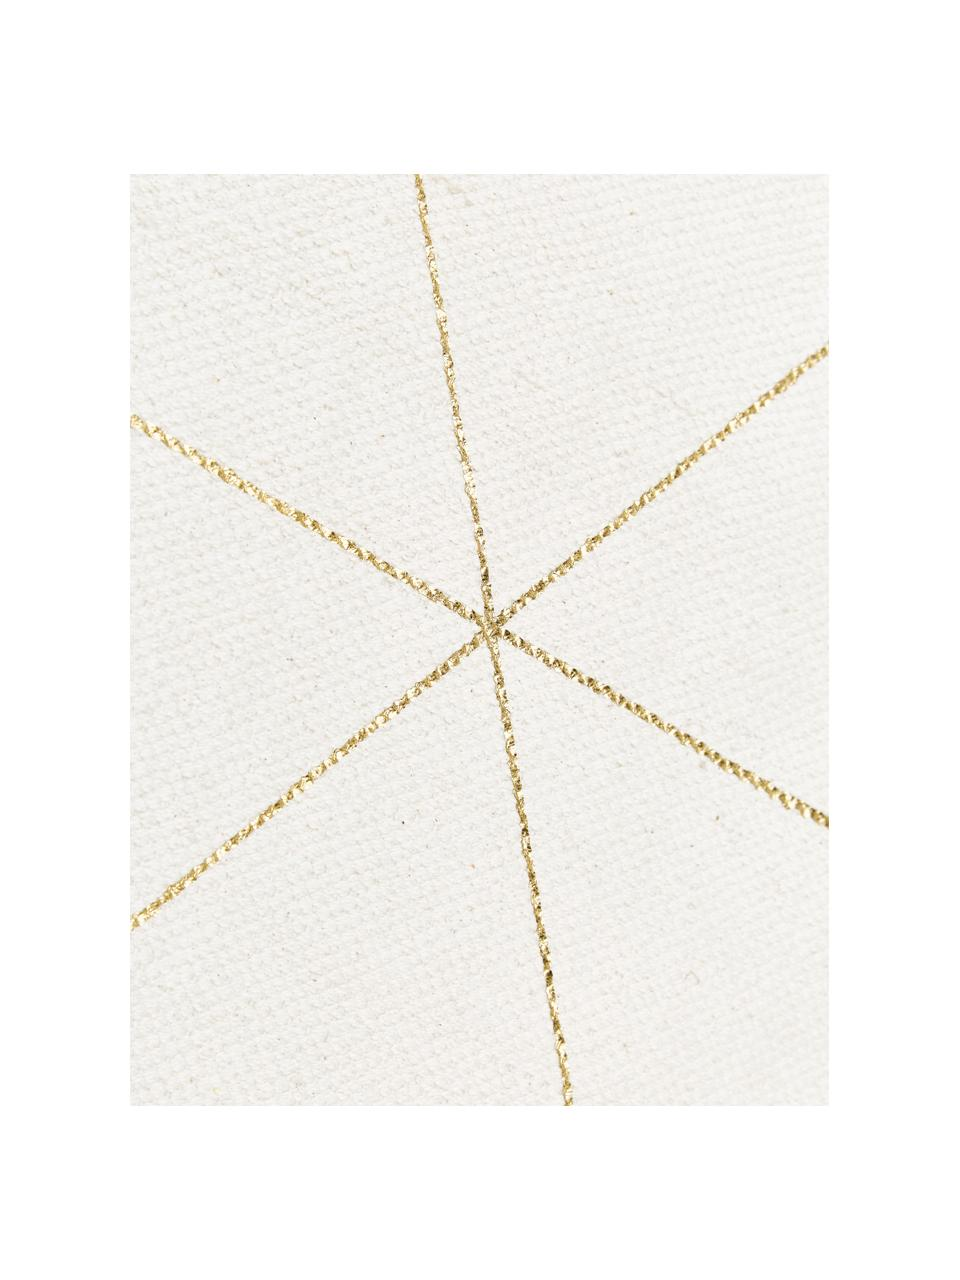 Tapis beige doré à franges tissé à plat Klara, Beige, or